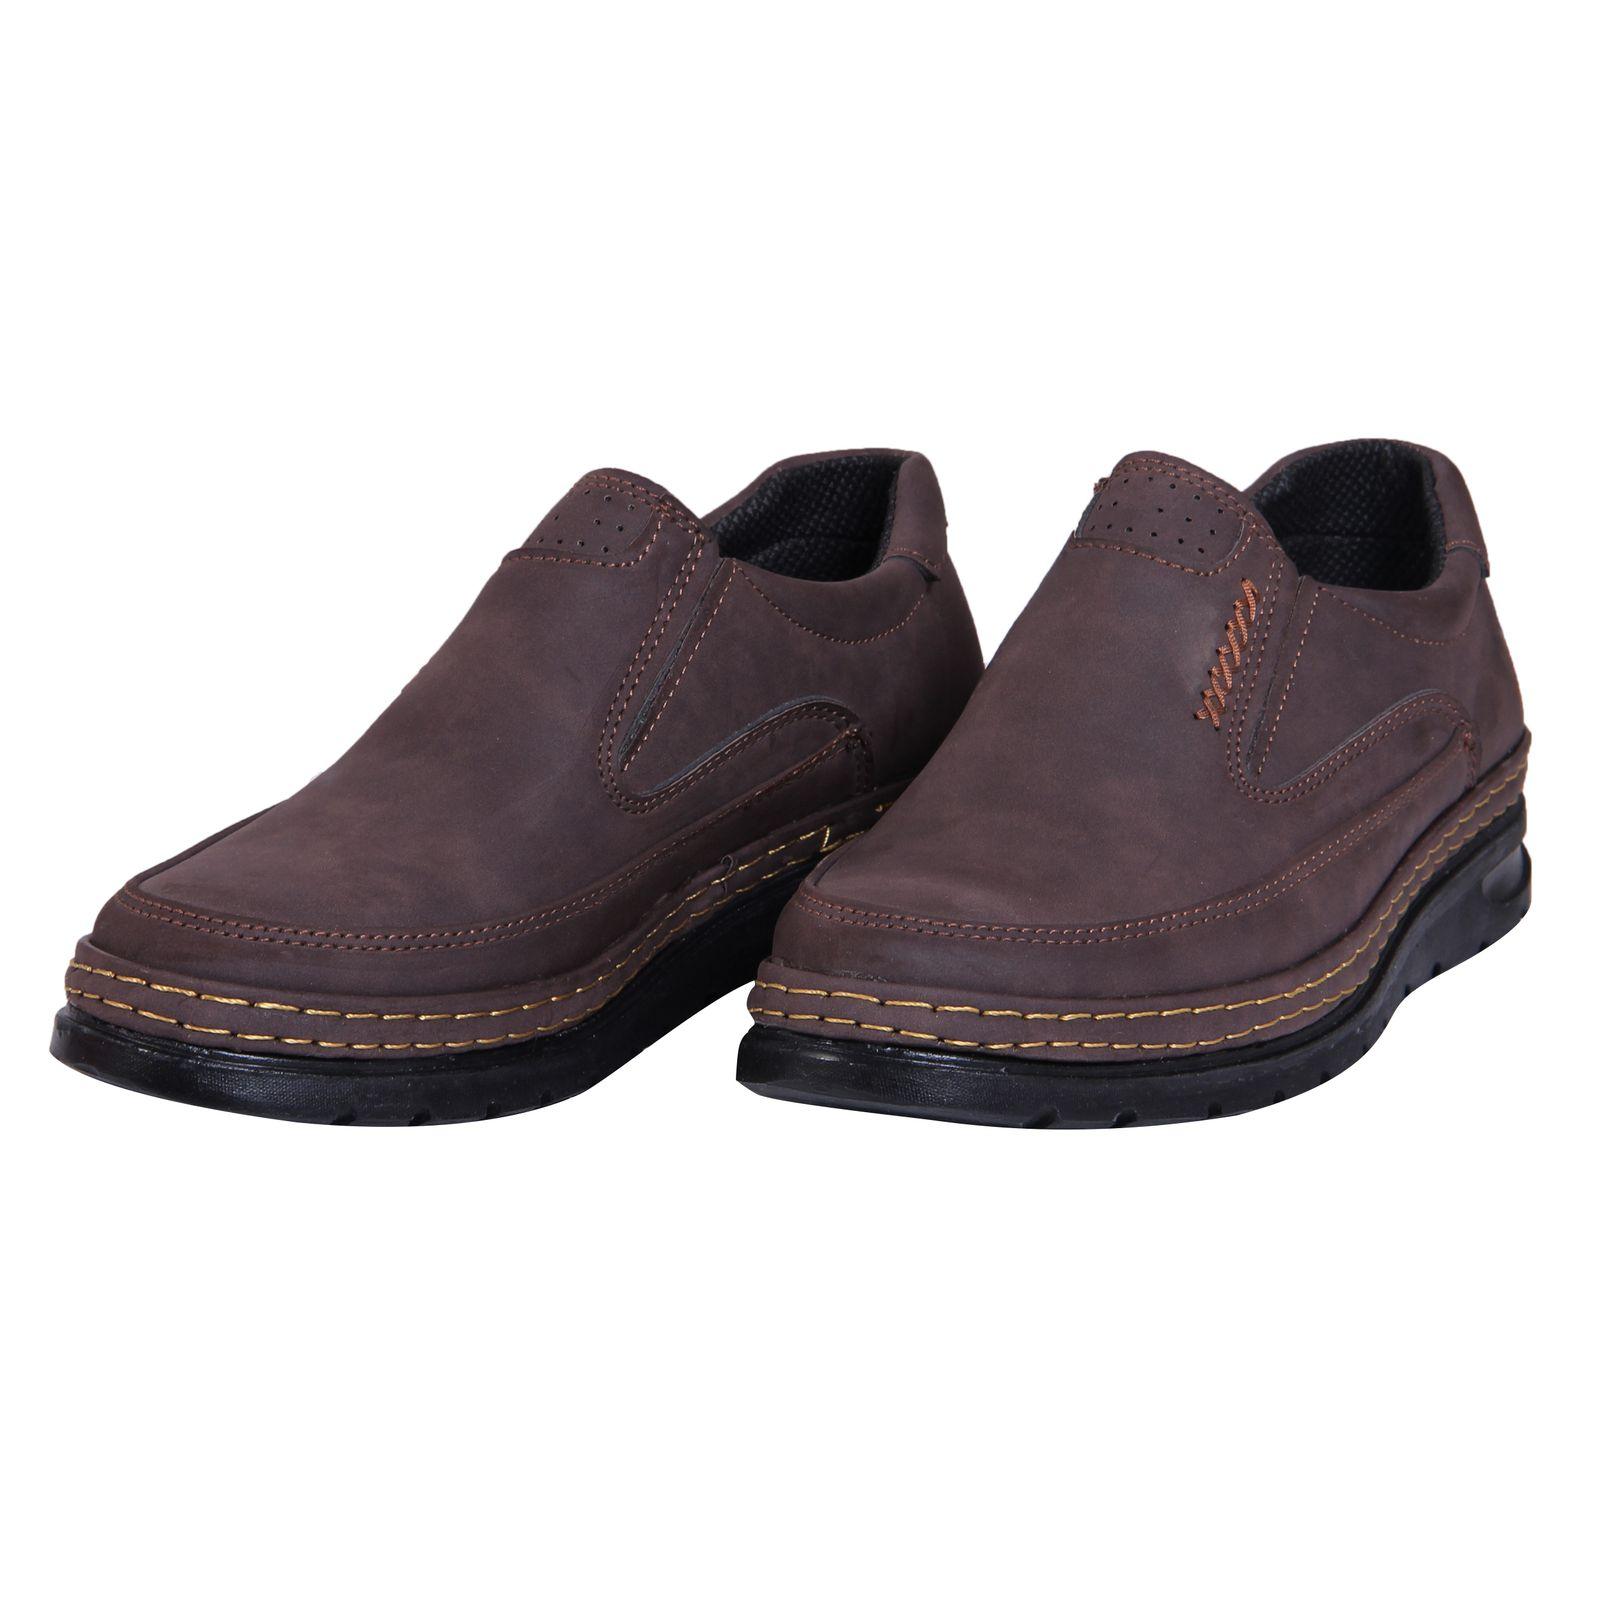 کفش روزمره مردانه کد 3-39973 -  - 6